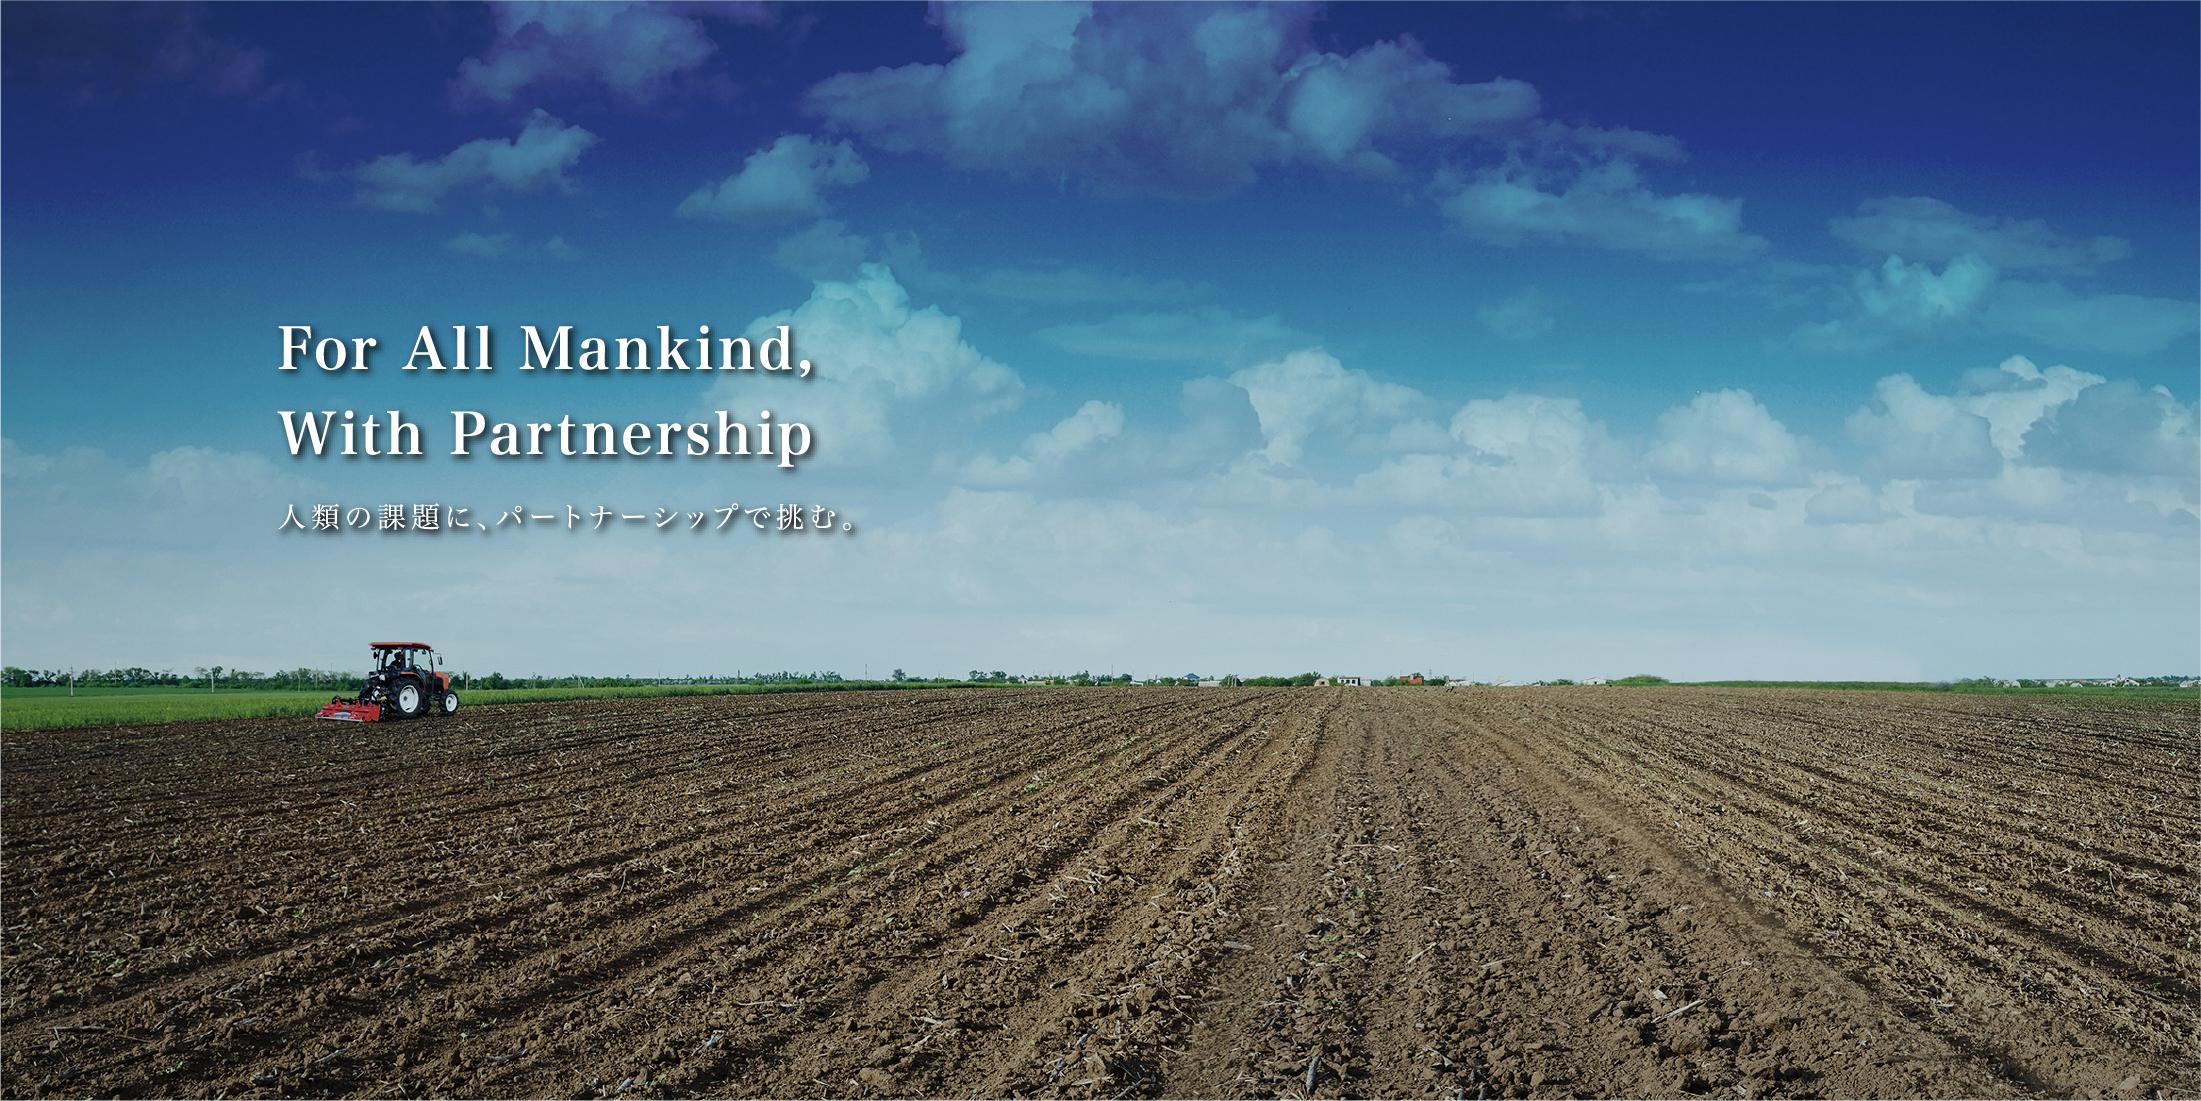 人類の課題に、パートナーシップで挑む For All Mankind, With partnership